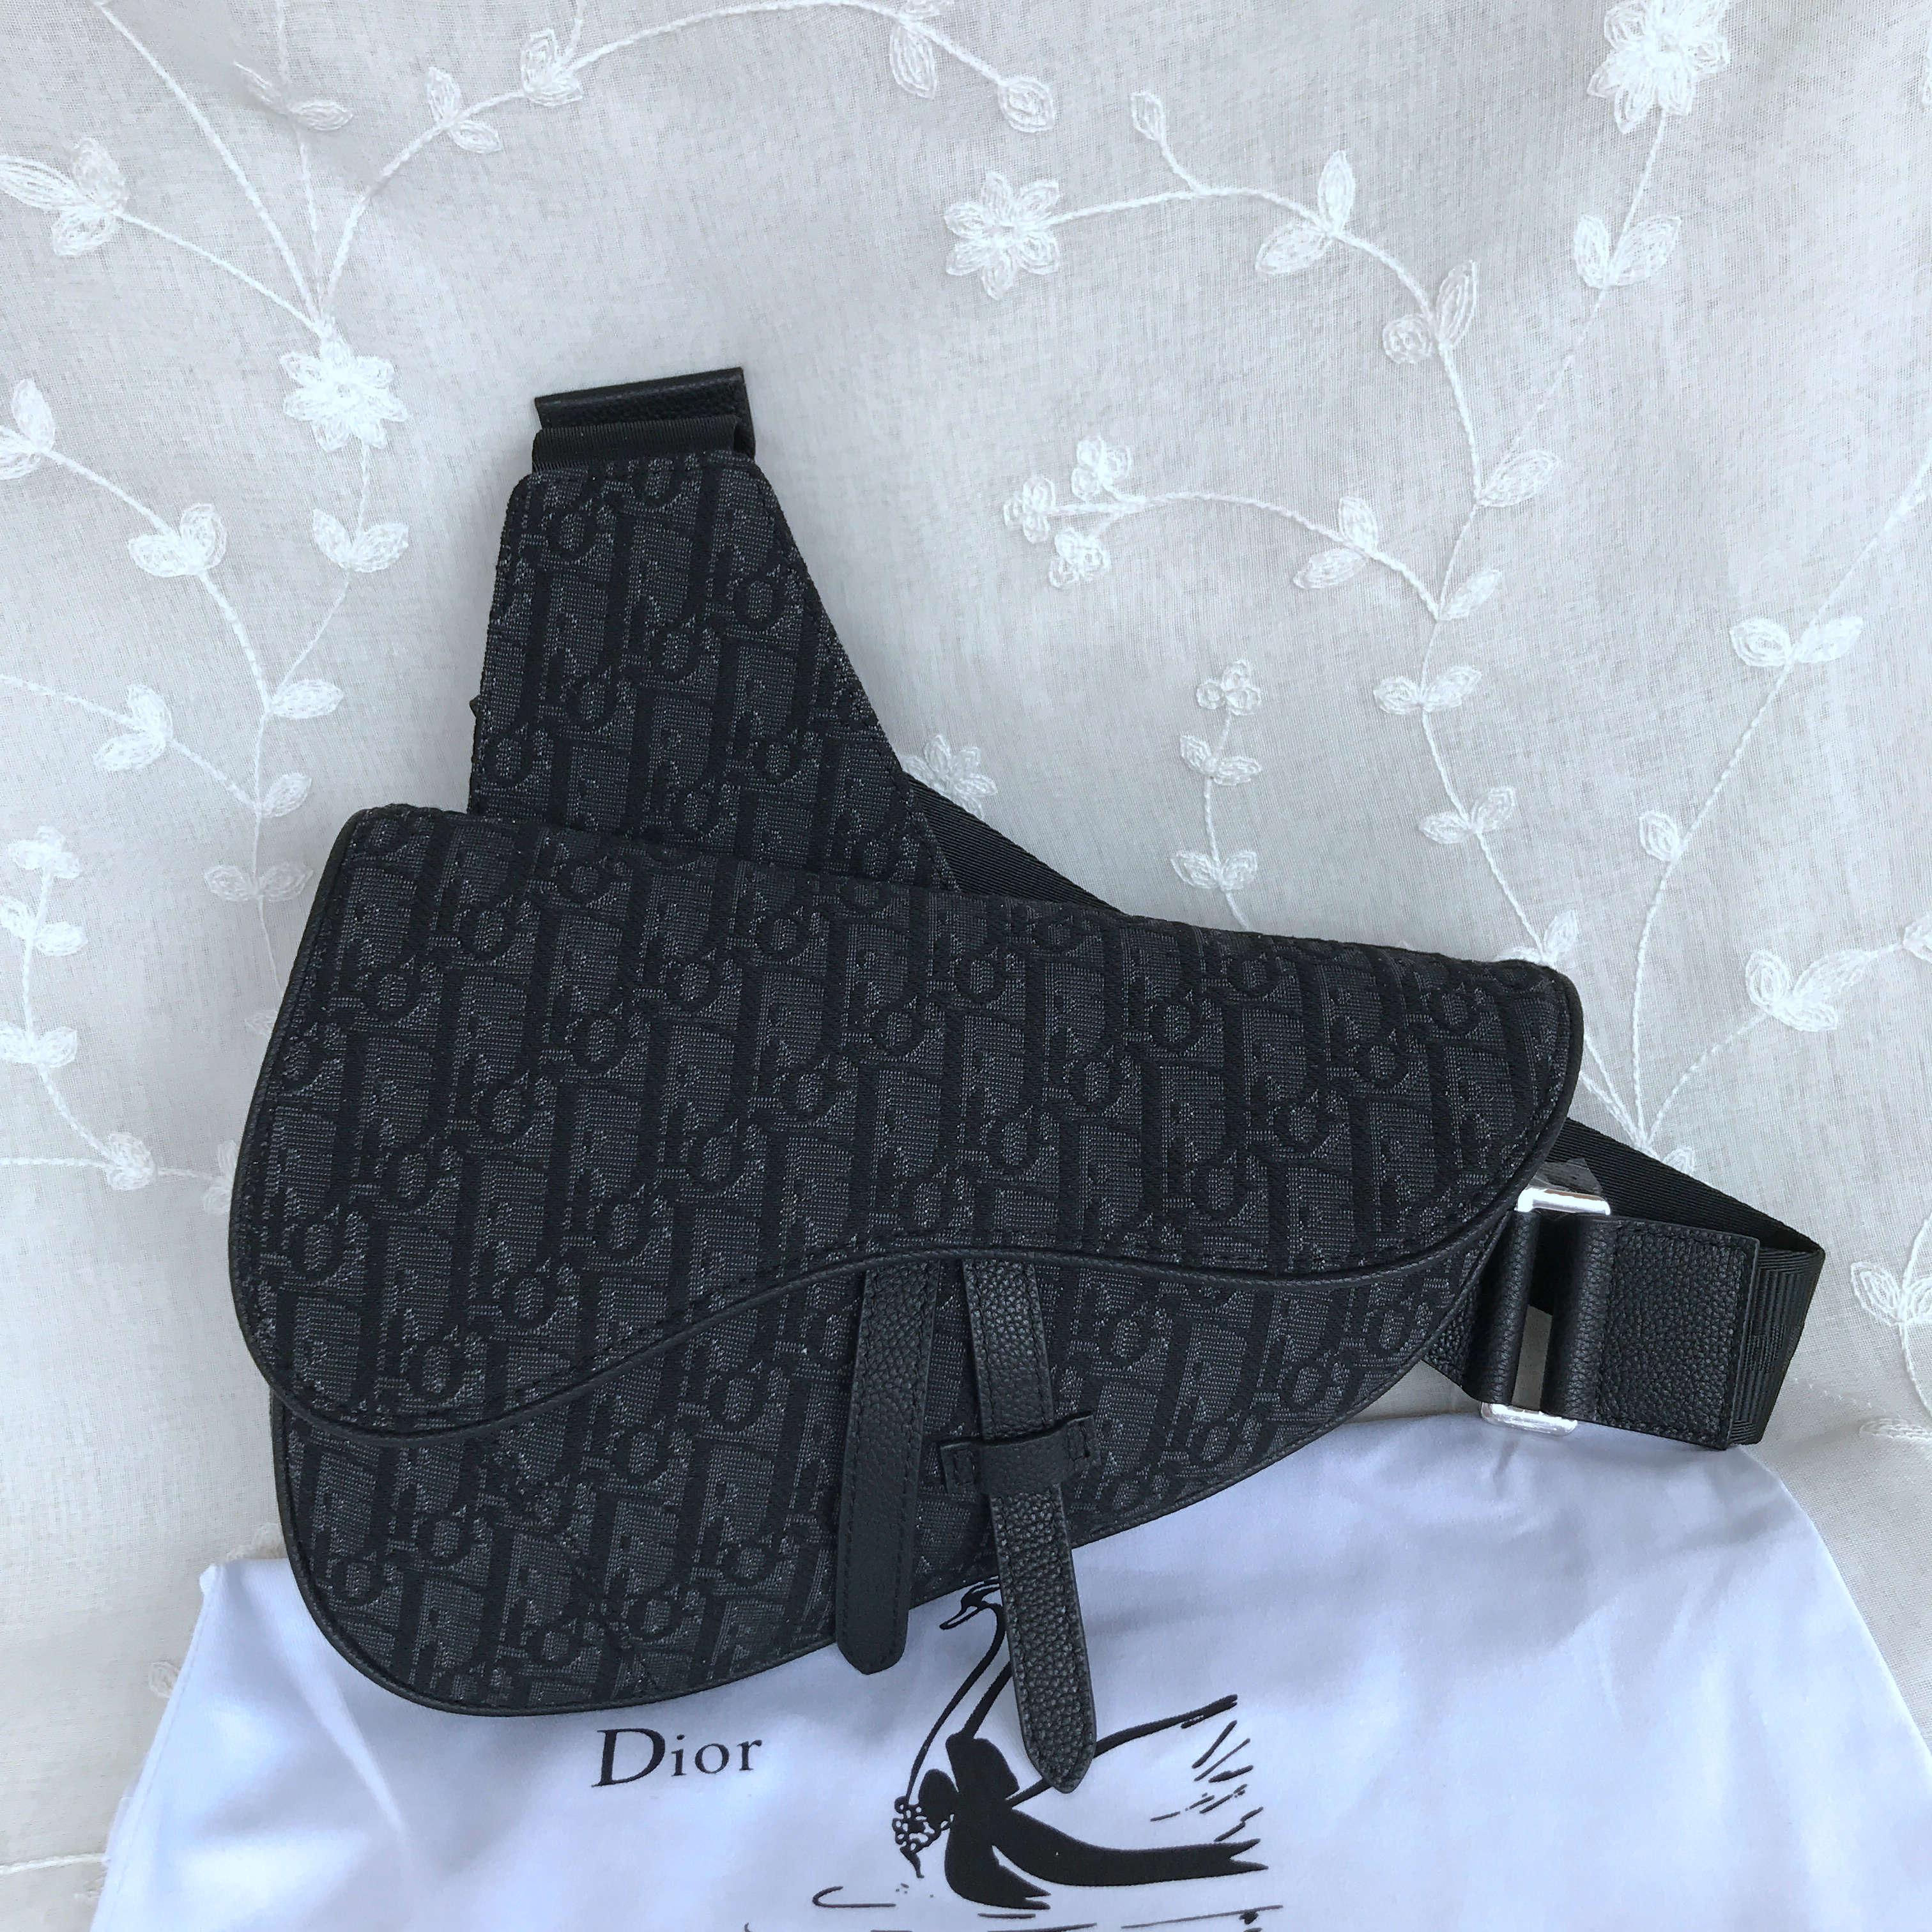 Dior Homme Saddle Bag